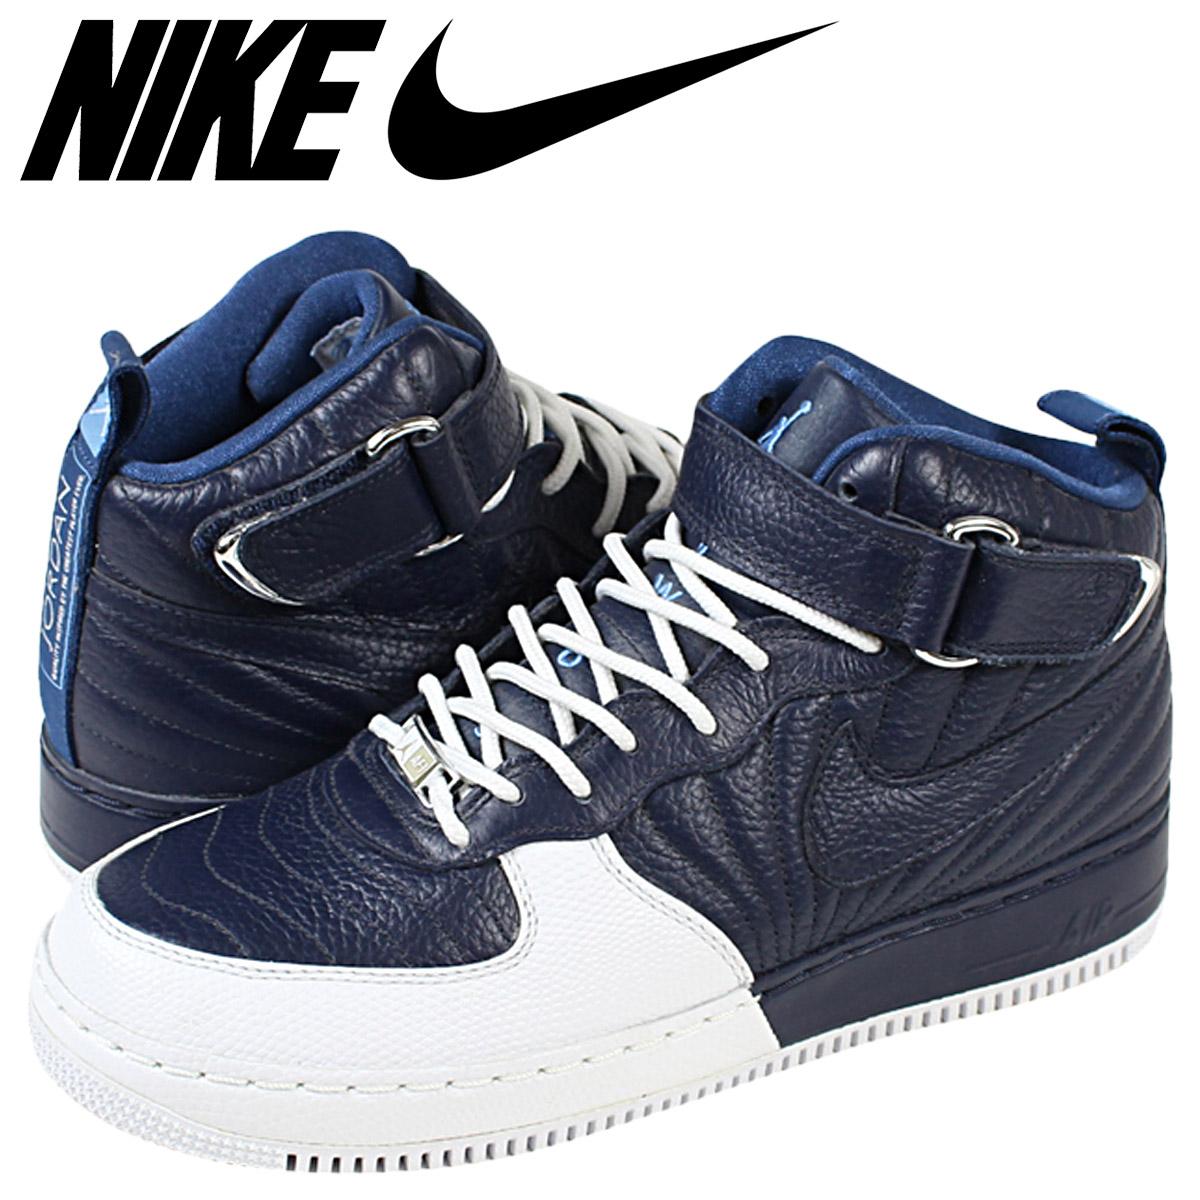 e599e29432e4 Nike NIKE Air Jordan sneakers AIR JORDAN FUSION 12 fusion 12 air force  317